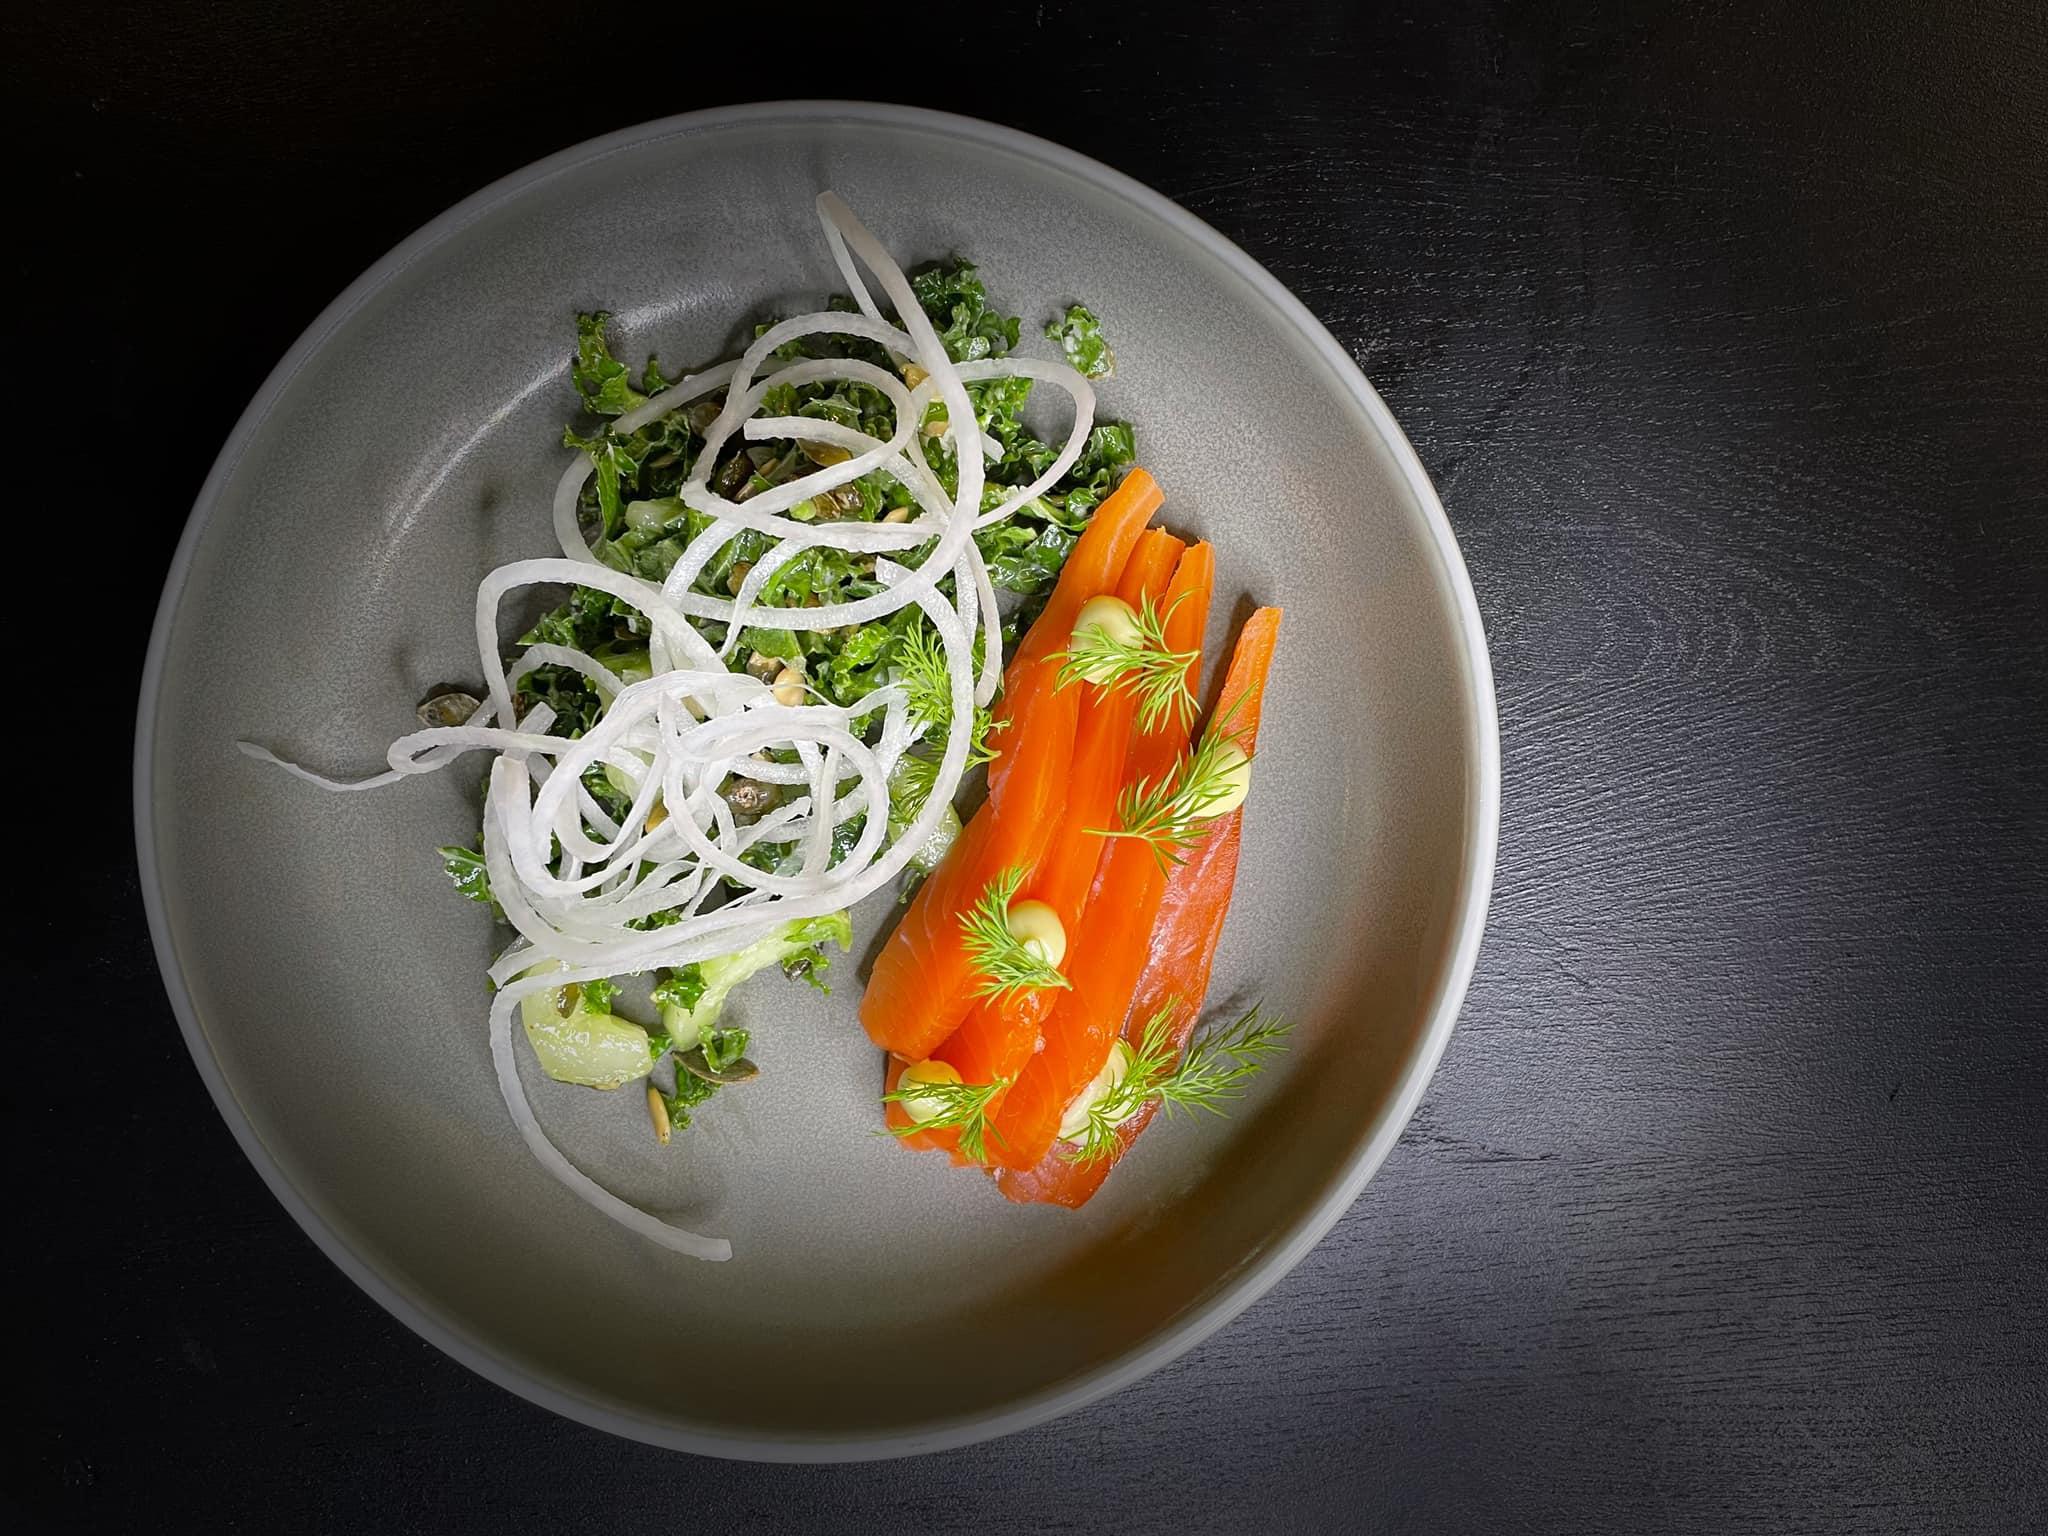 3 retter for 149 kroner: Nyt koncept tilbyder hjemmelavet mad til aarhusianerne